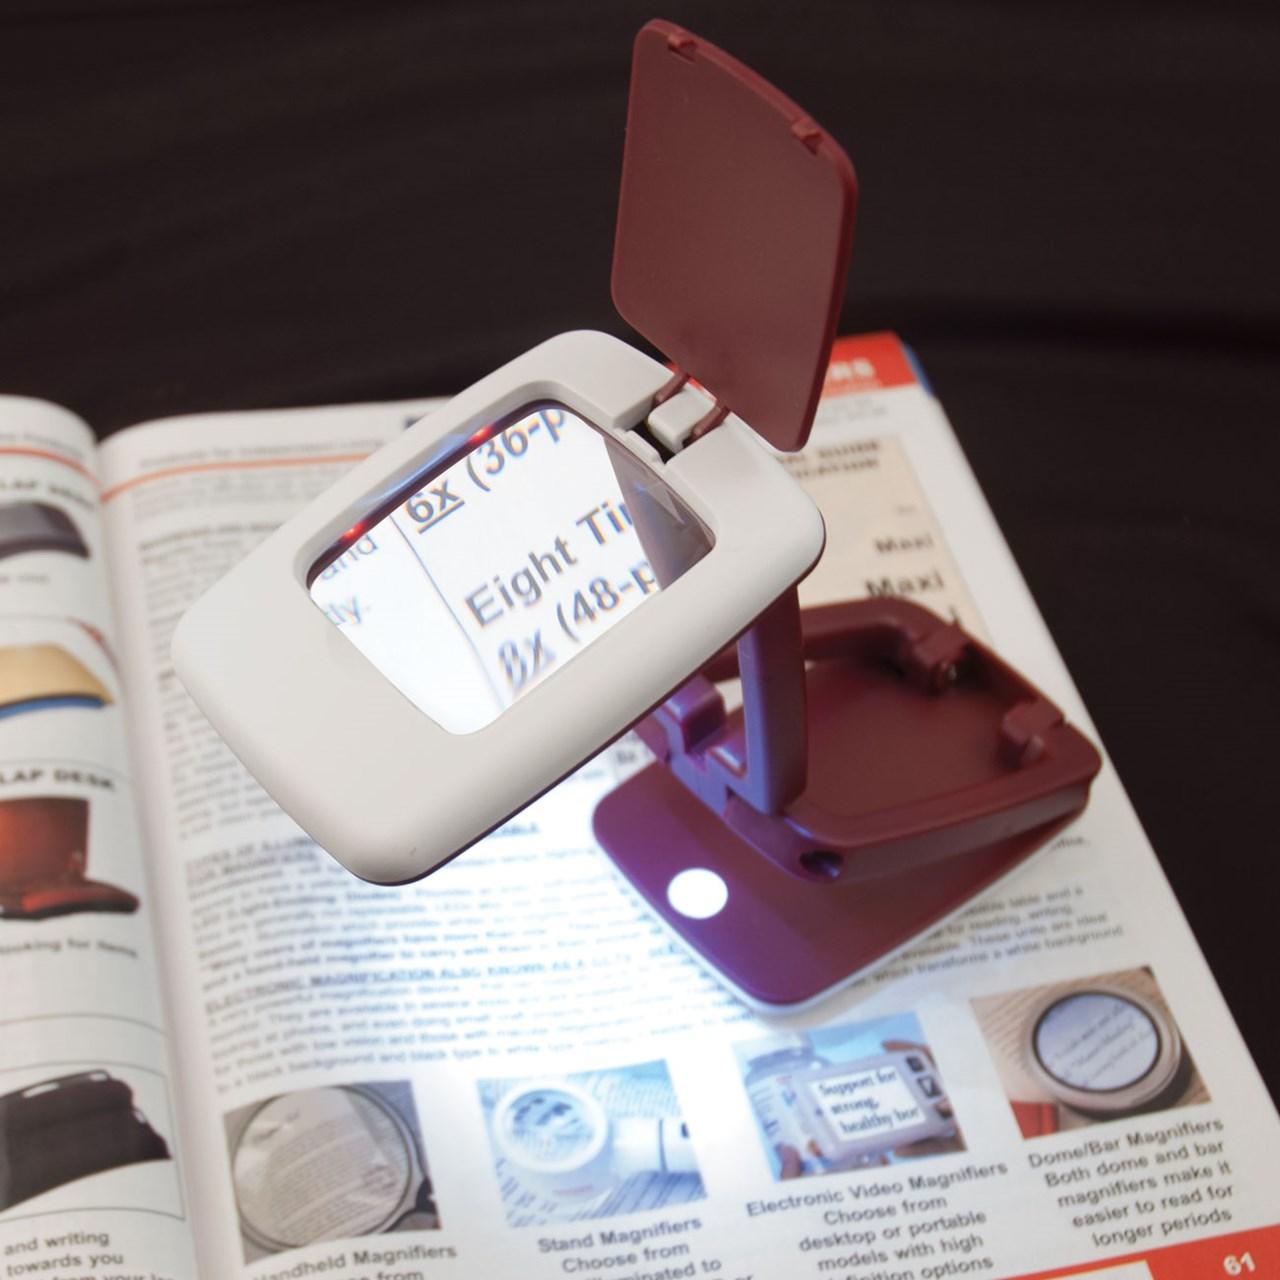 Foldable LED Desk Magnifier- 3x